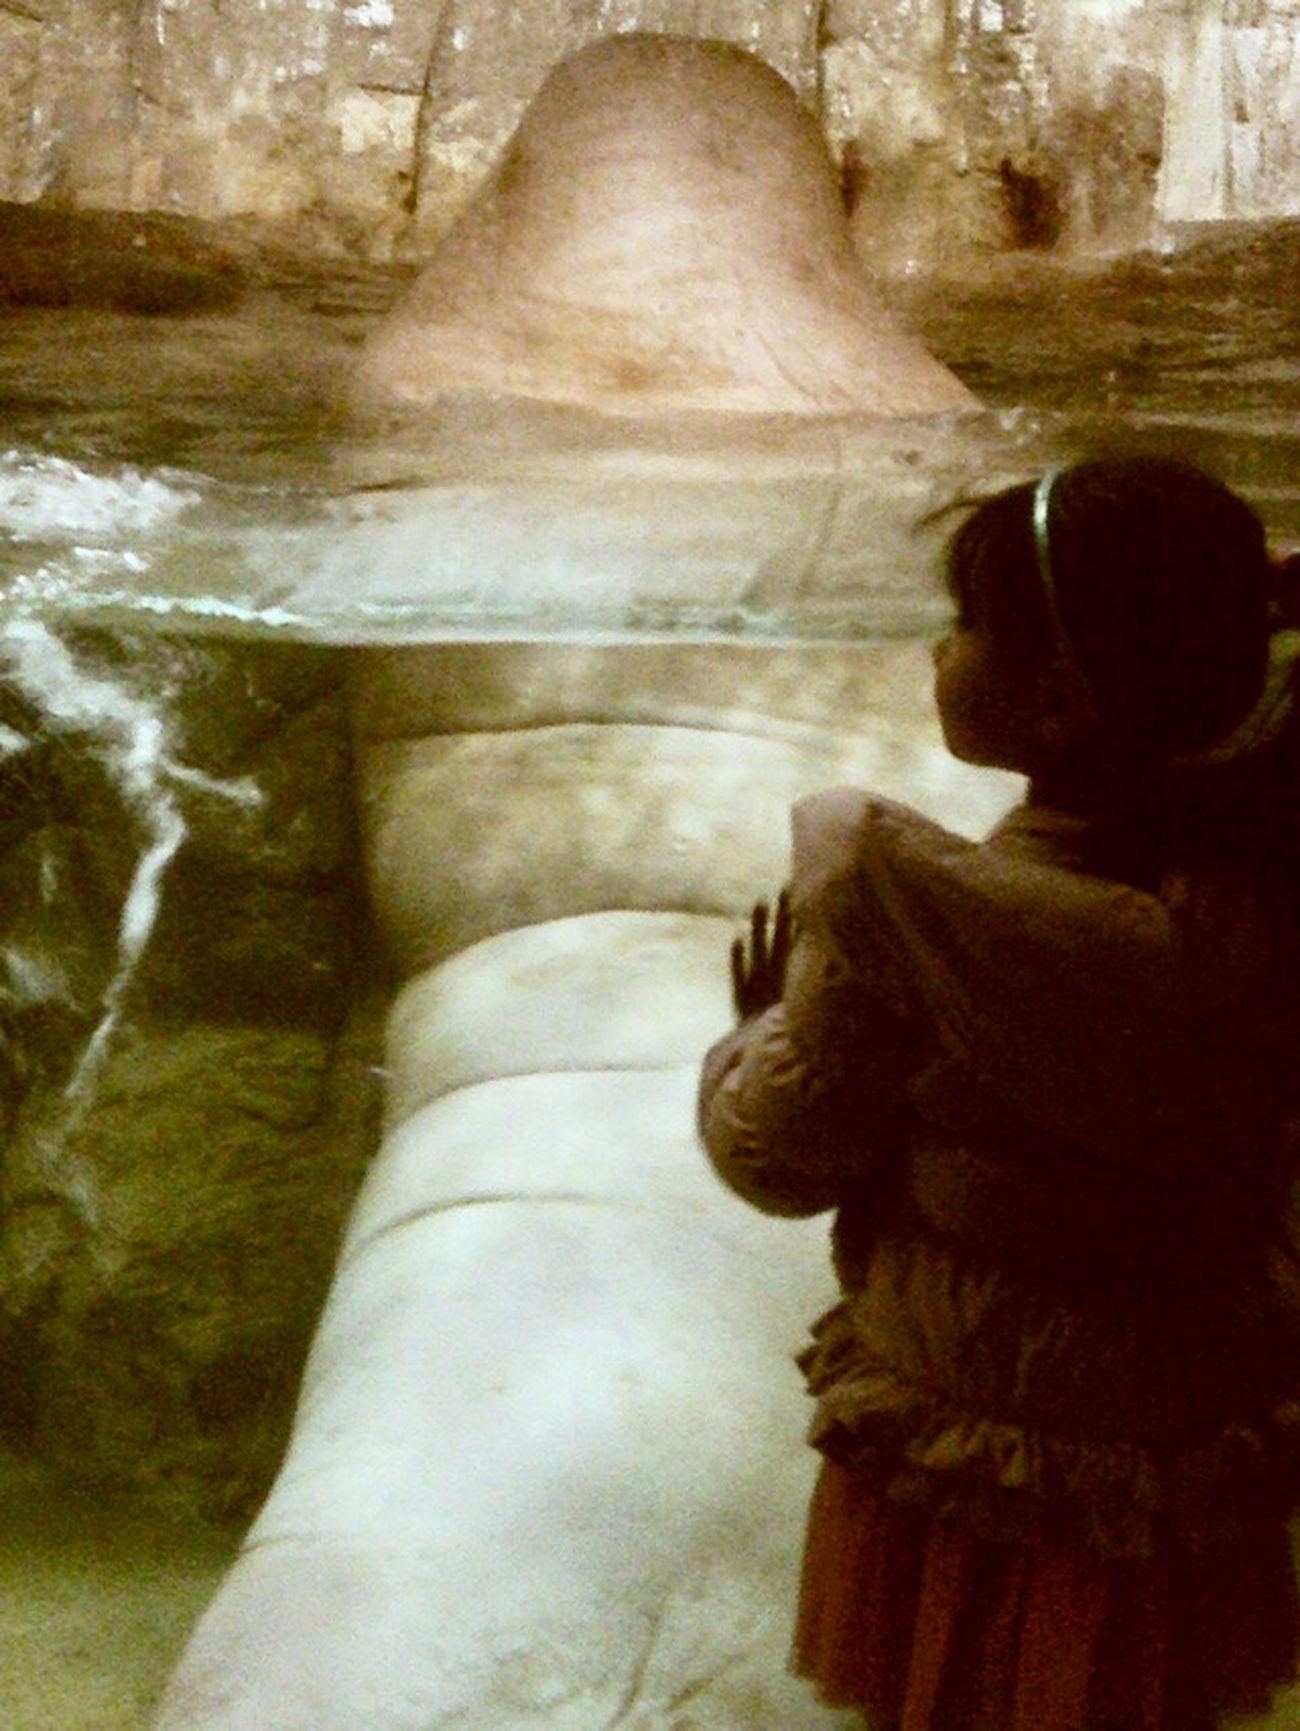 セイウチ 城崎 城崎マリンワールド 水族館 Walrus Aquarium Kinosaki Back 何の気の迷いか年明け早々に電車で片道5時間半かけて城崎マリンワールドへ